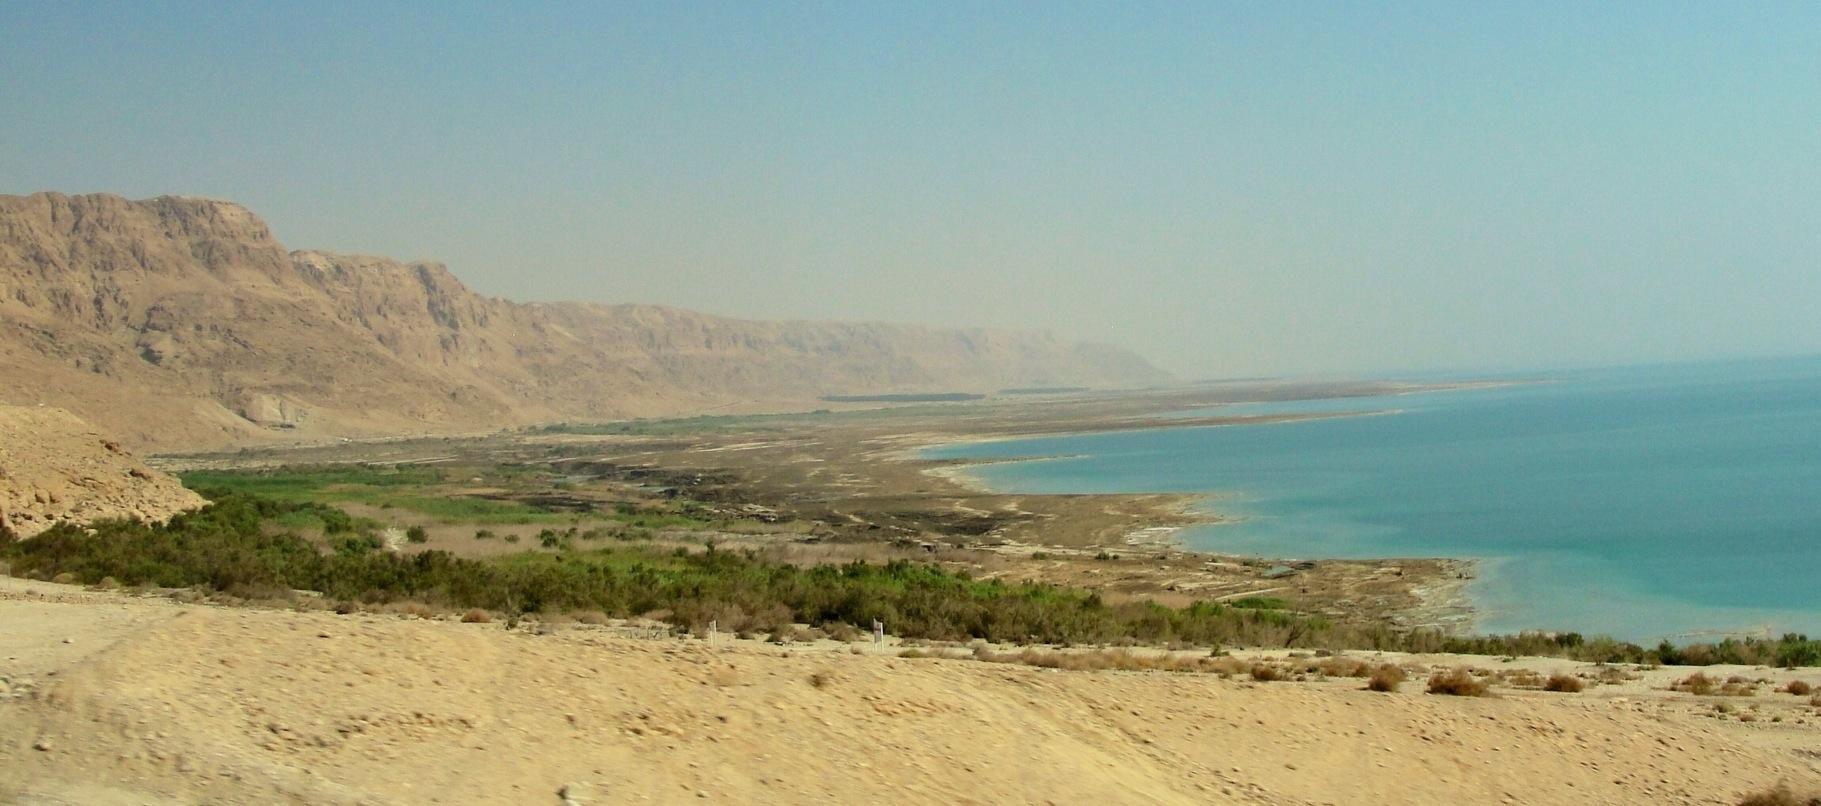 dead sea map  braman's wanderings - dead sea  israel  lowest point on earth